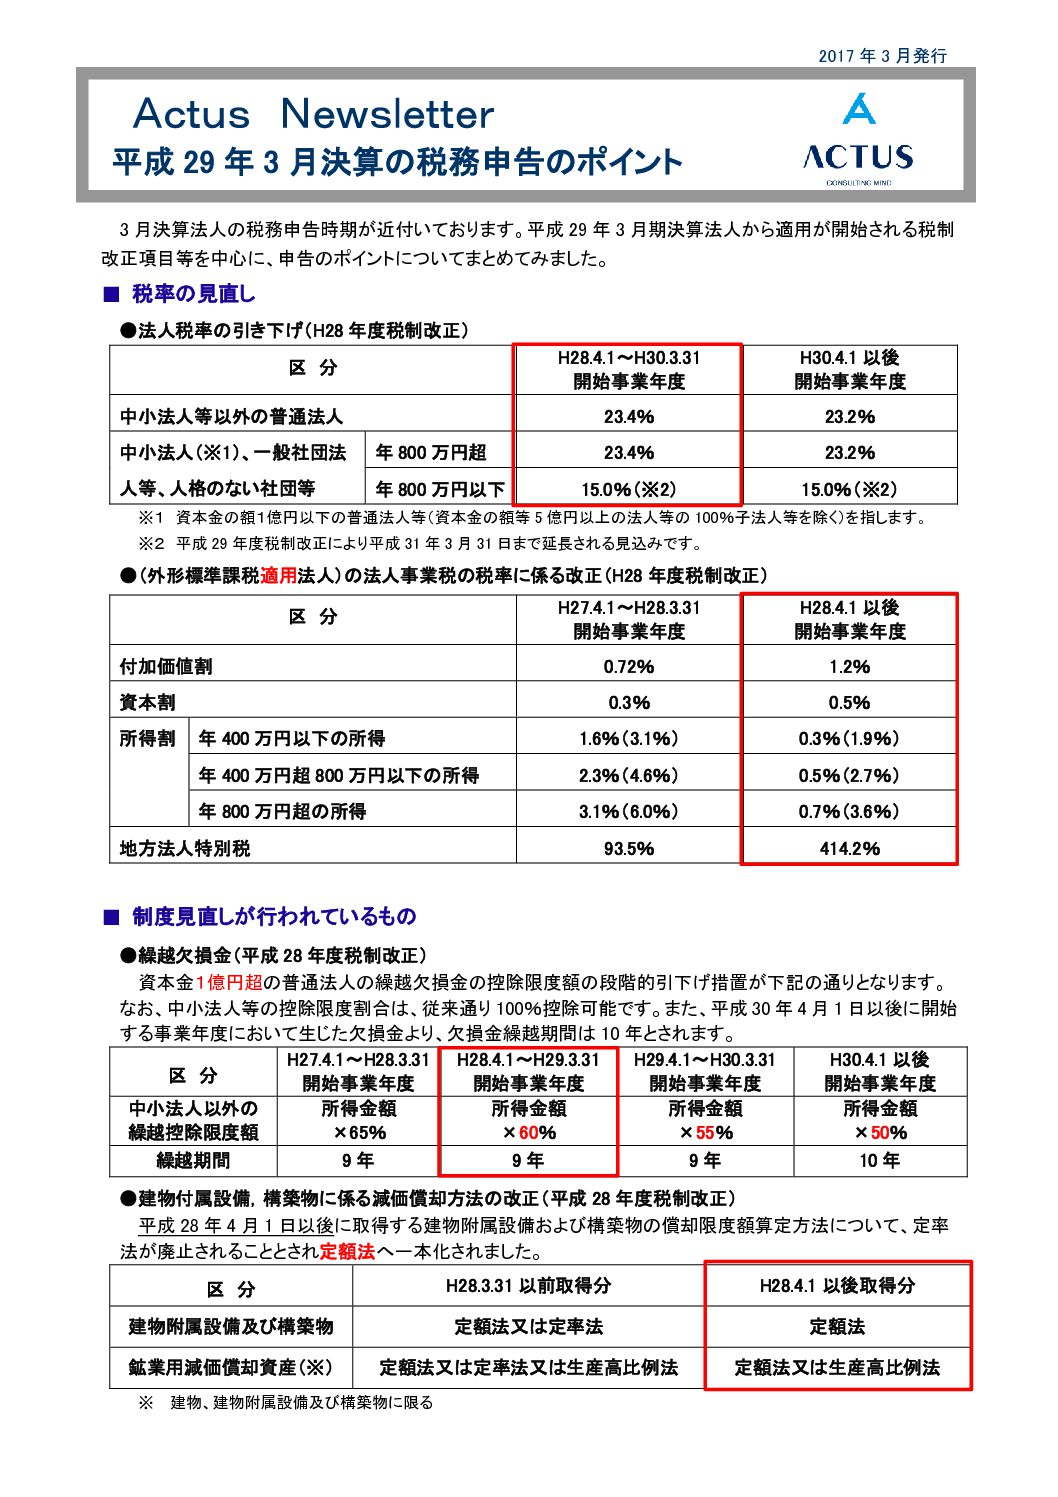 平成29年3月決算の税務申告のポイント